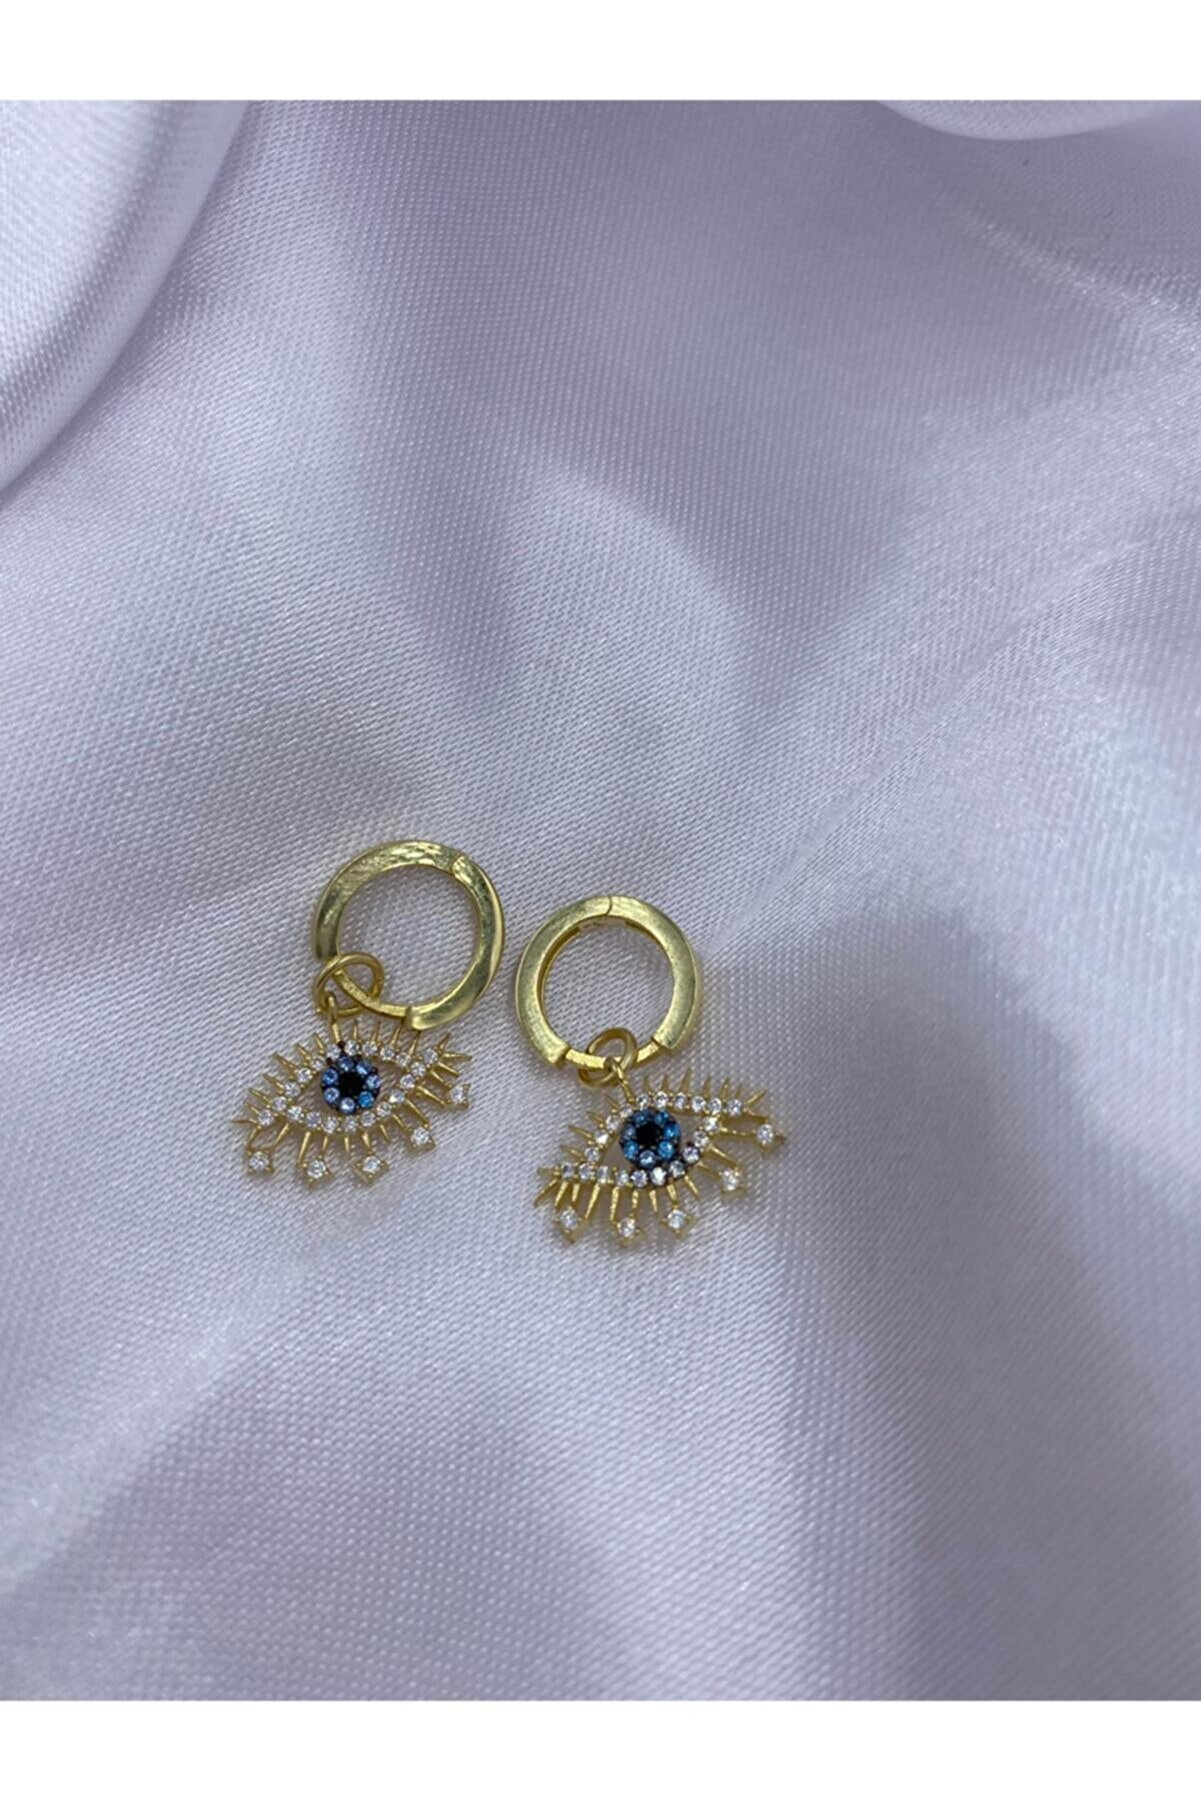 Amon Jewelry 925 Ayar Gümüş Kirpikli Göz Uçlu Küpe Tekli